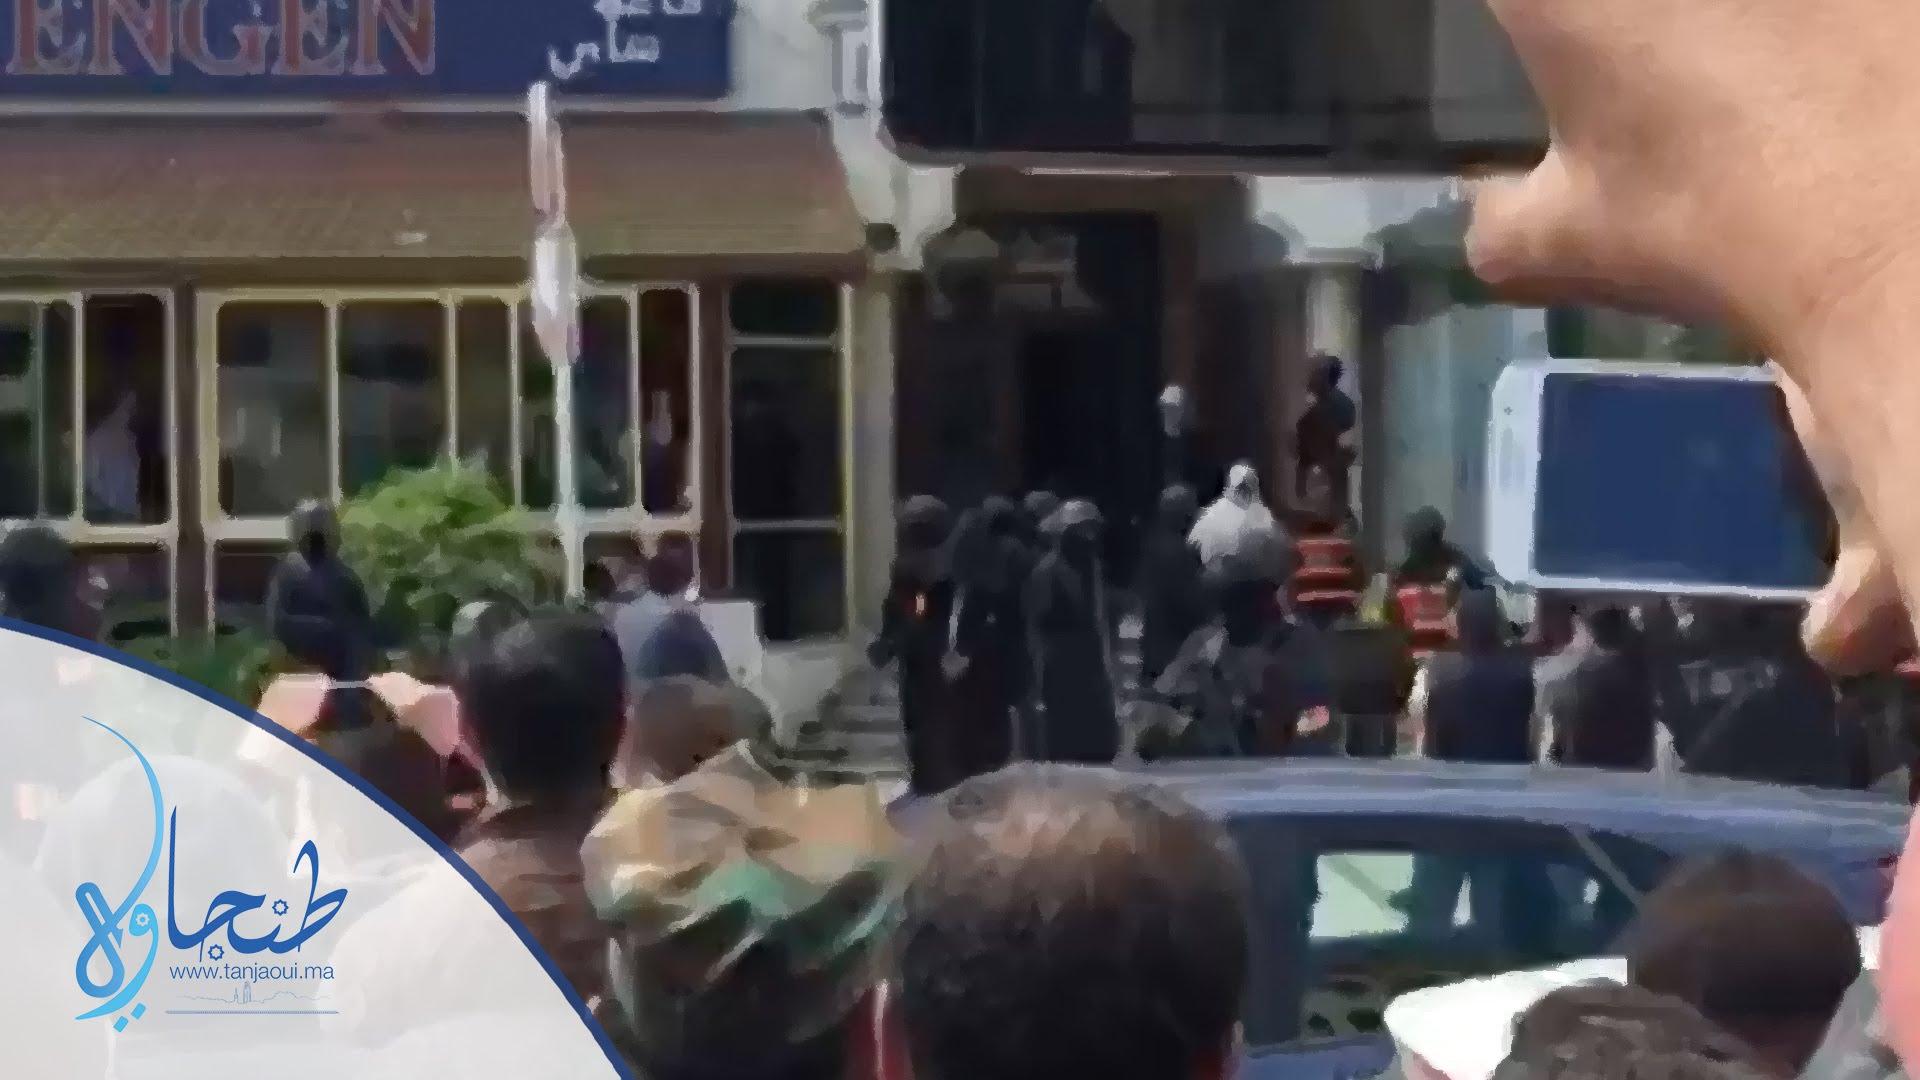 لحظة اعتقال الإرهابي بمدينة طنجة وسط تصفيقات المواطنين